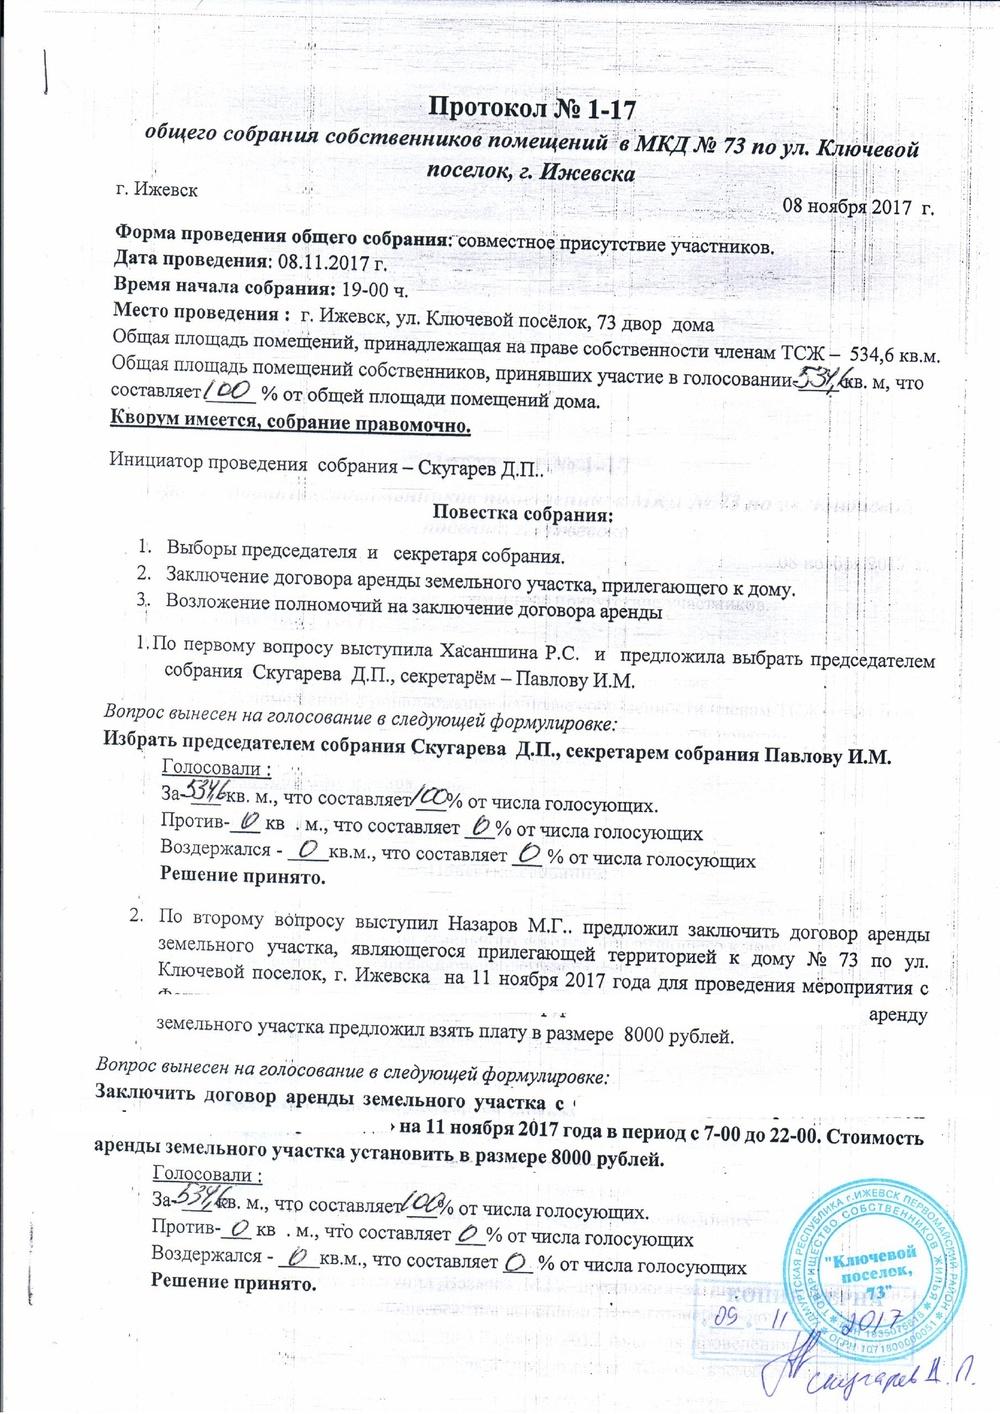 Протокол Ижевск